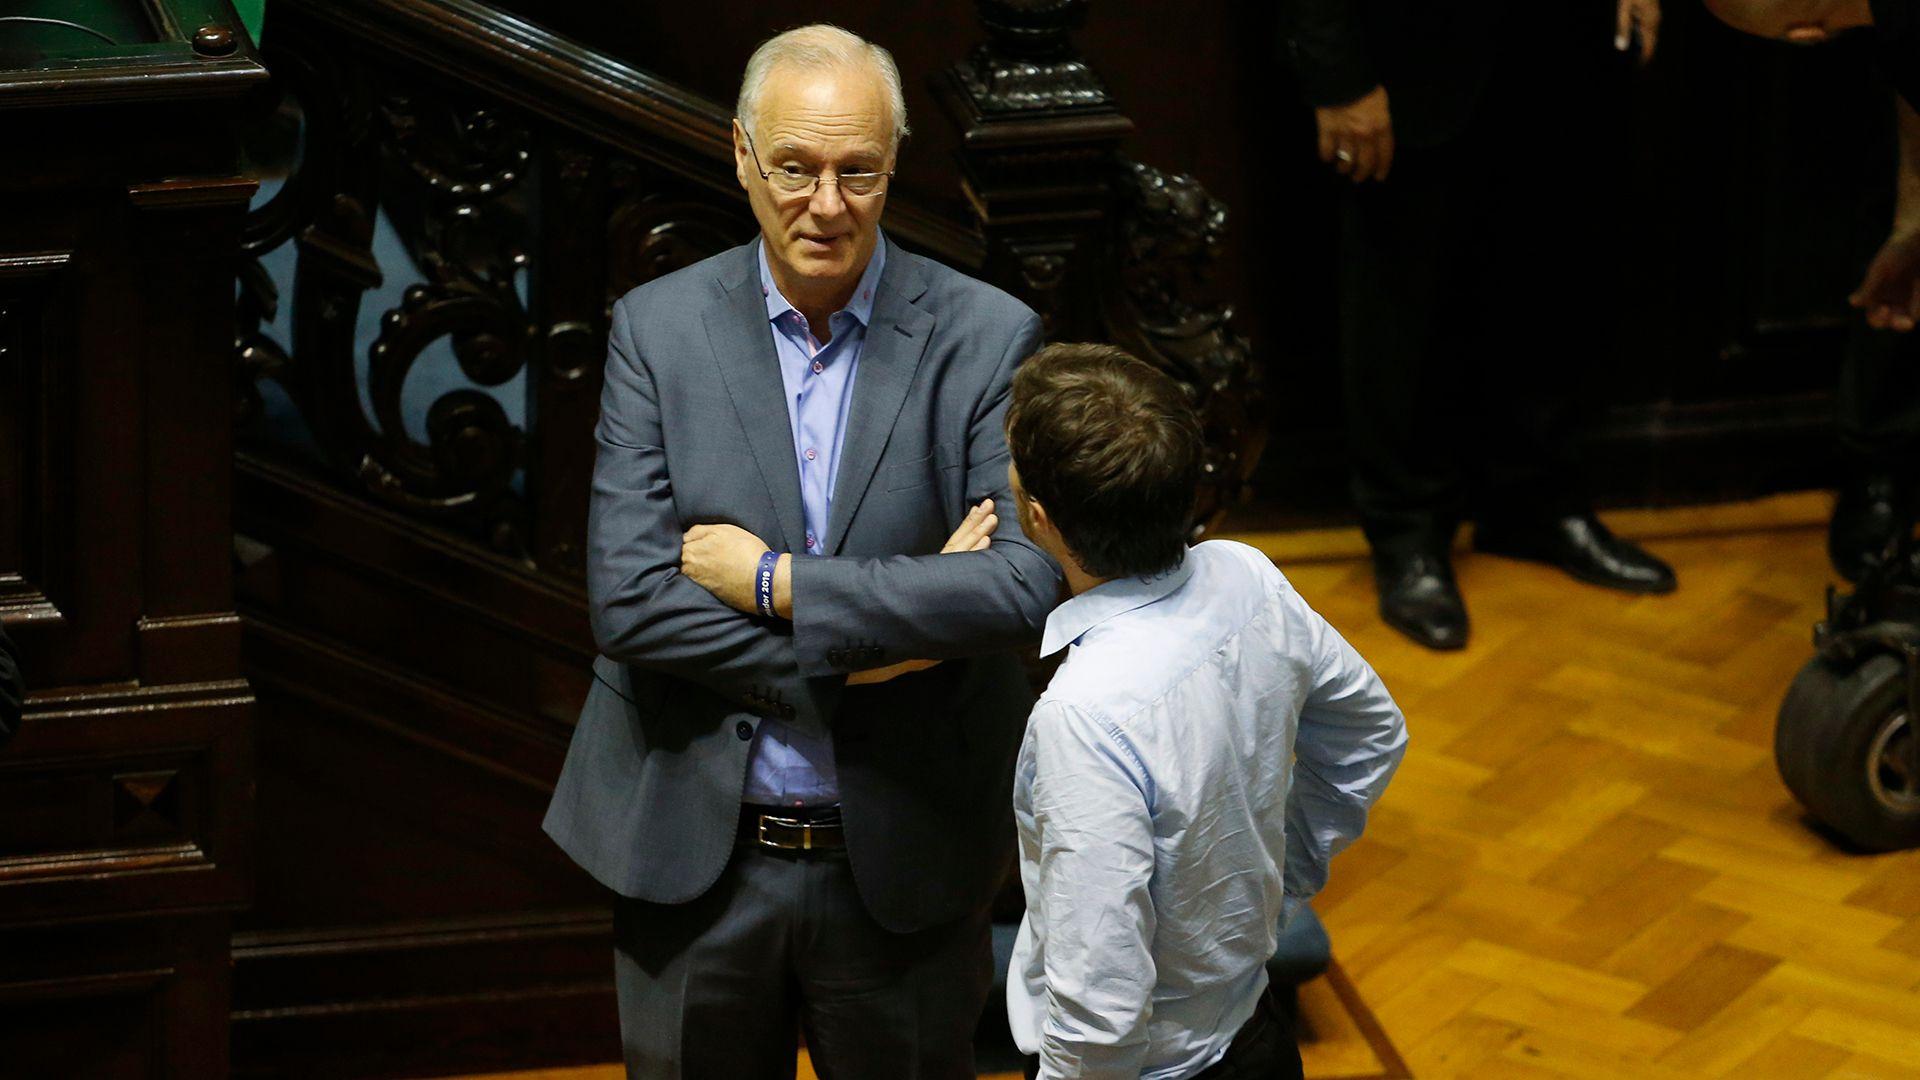 Daniel Gollán. Mañana jurará como Ministro de Salud (Nicolás Aboaf)